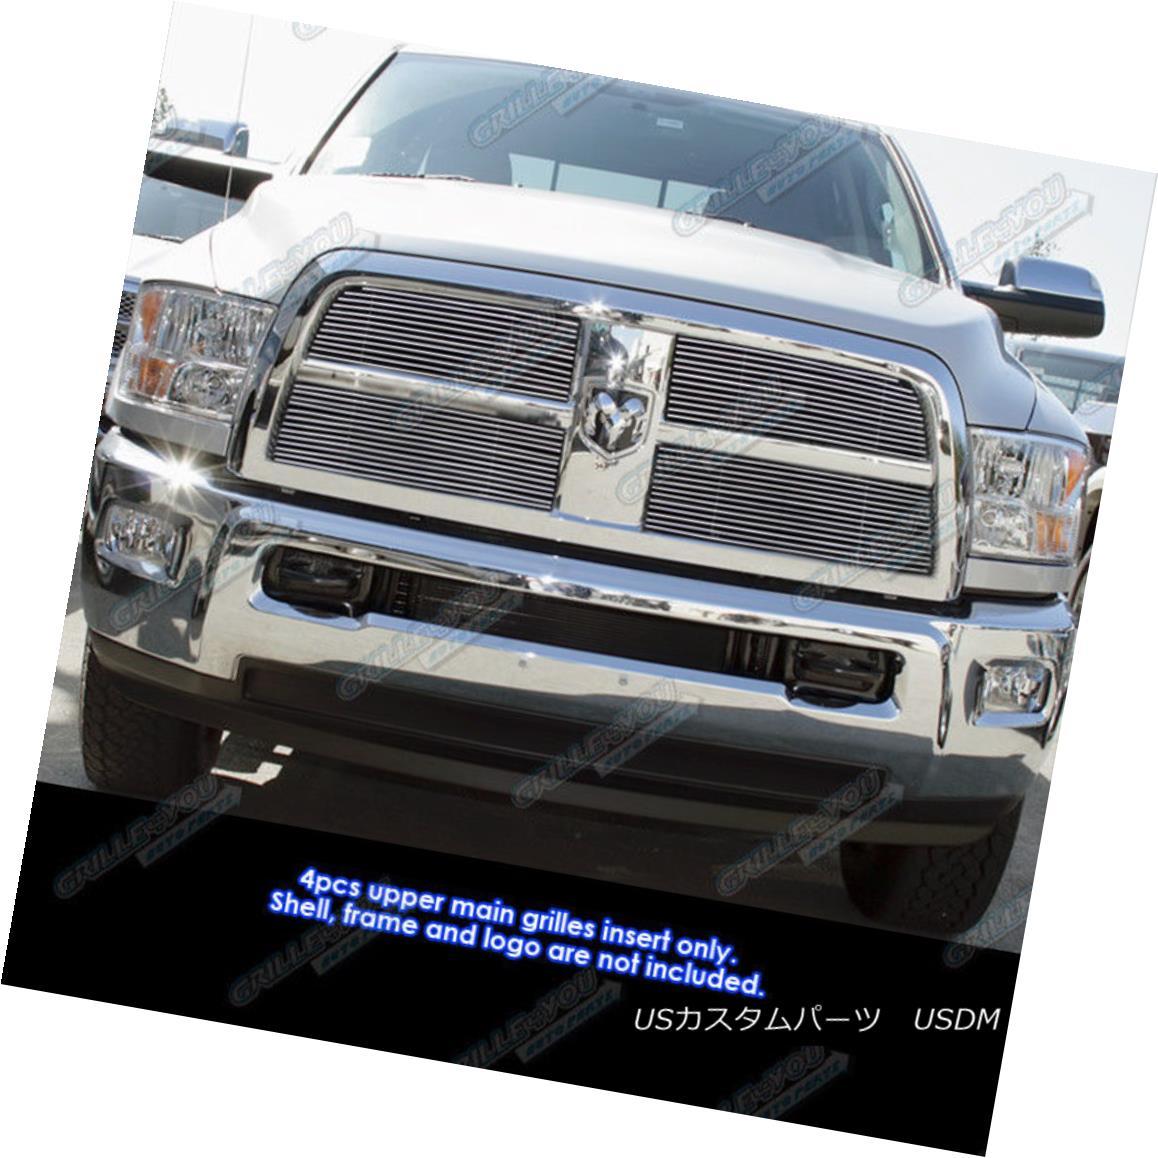 グリル Fits 2010-2012 Dodge Ram 2500/3500 Billet Grille Grill Insert フィット2010-2012ダッジラム2500/3500ビレットグリルグリルインサート